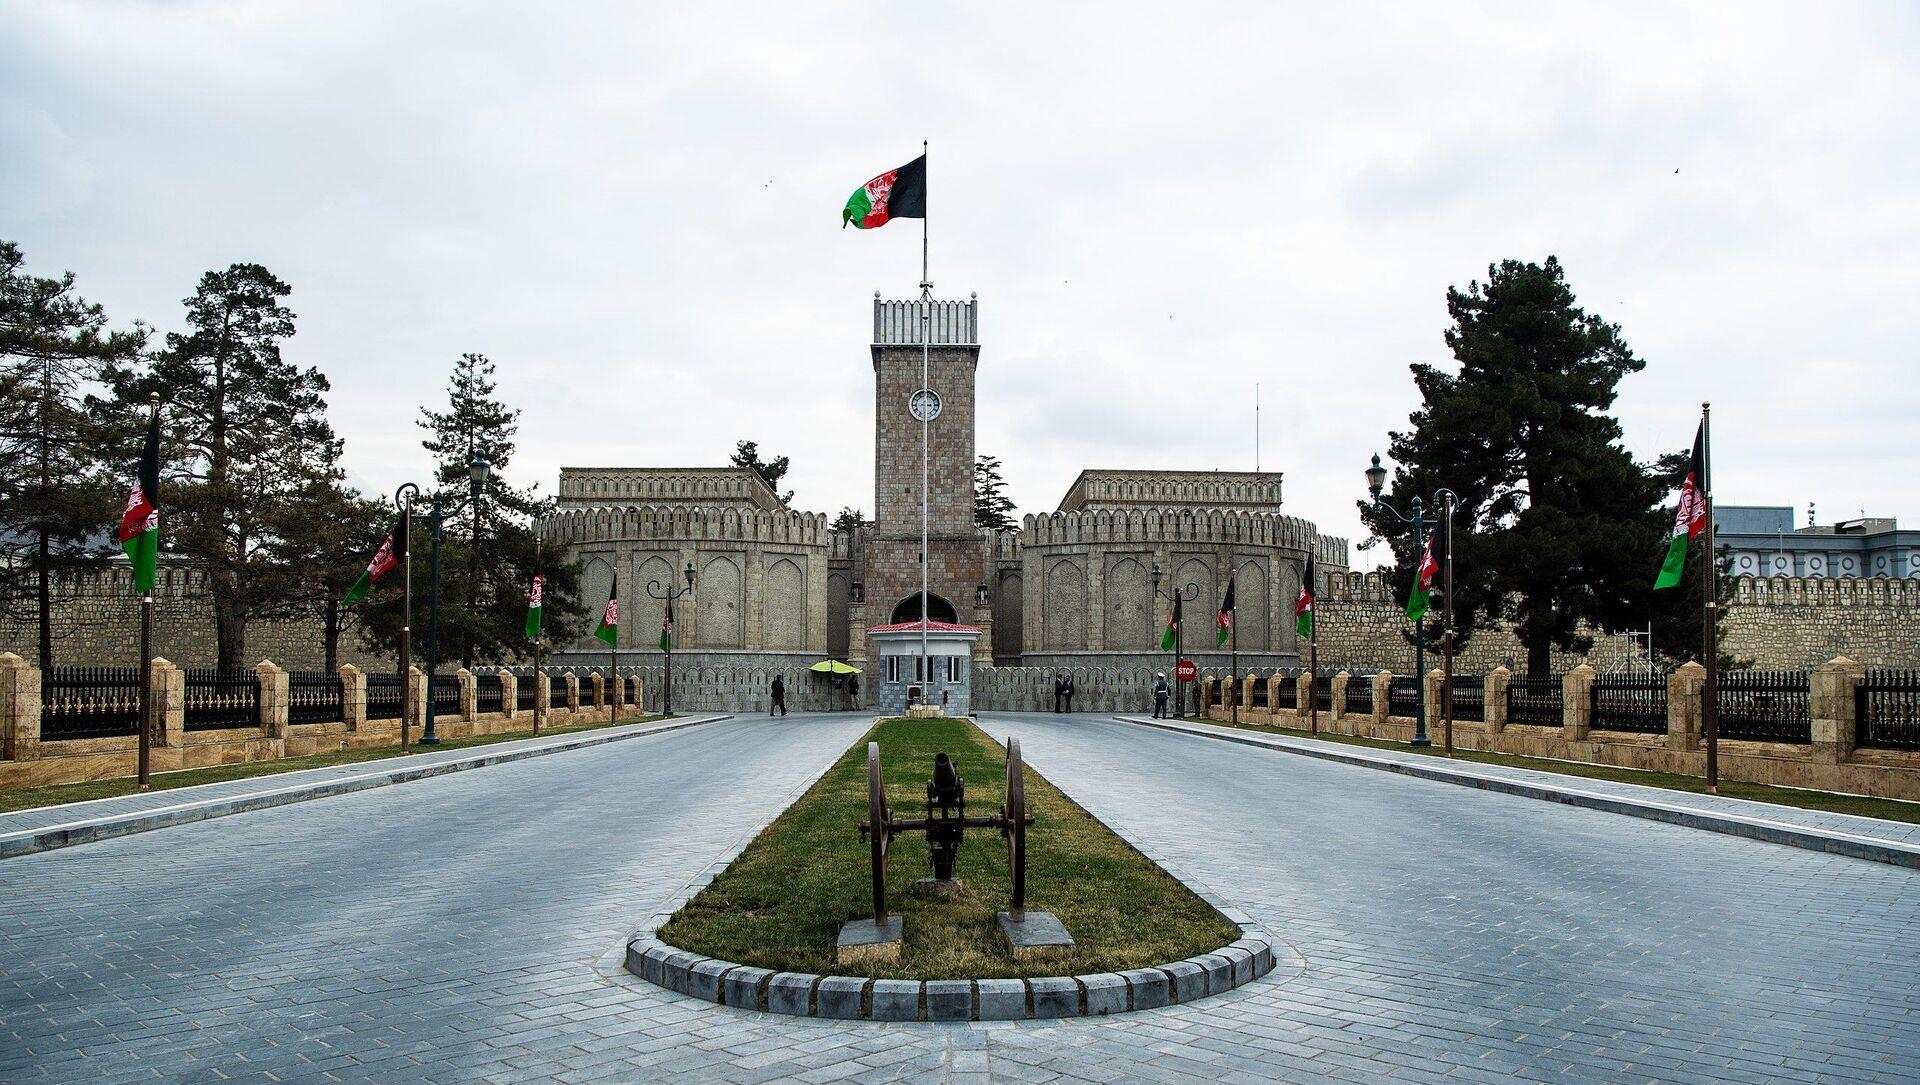 Palais présidentiel de Kaboul (archive photo) - Sputnik France, 1920, 15.08.2021